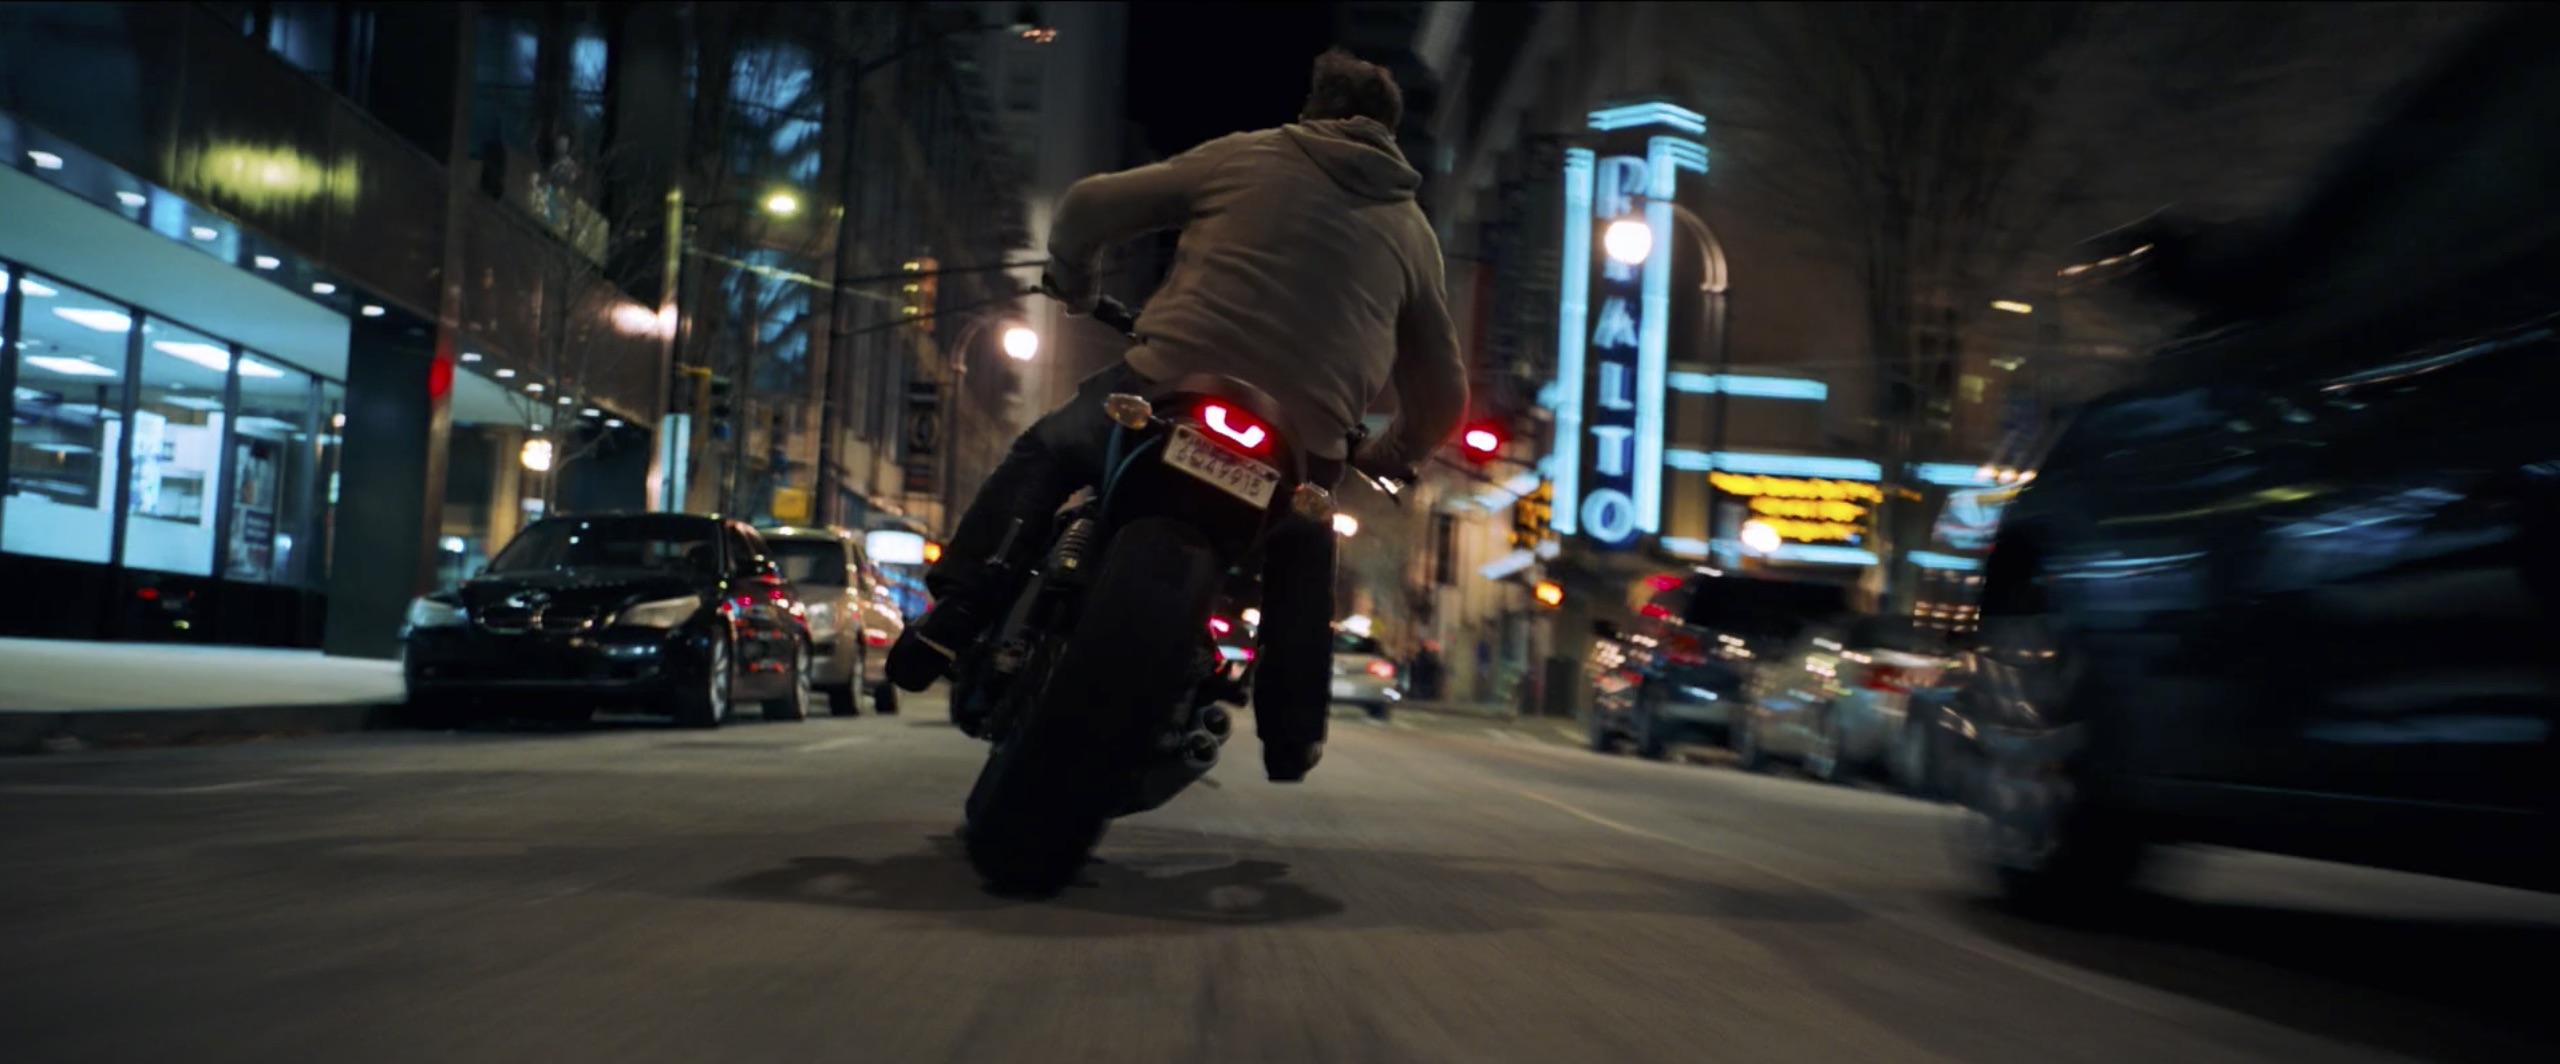 venom tom hardy on motorcycle slide